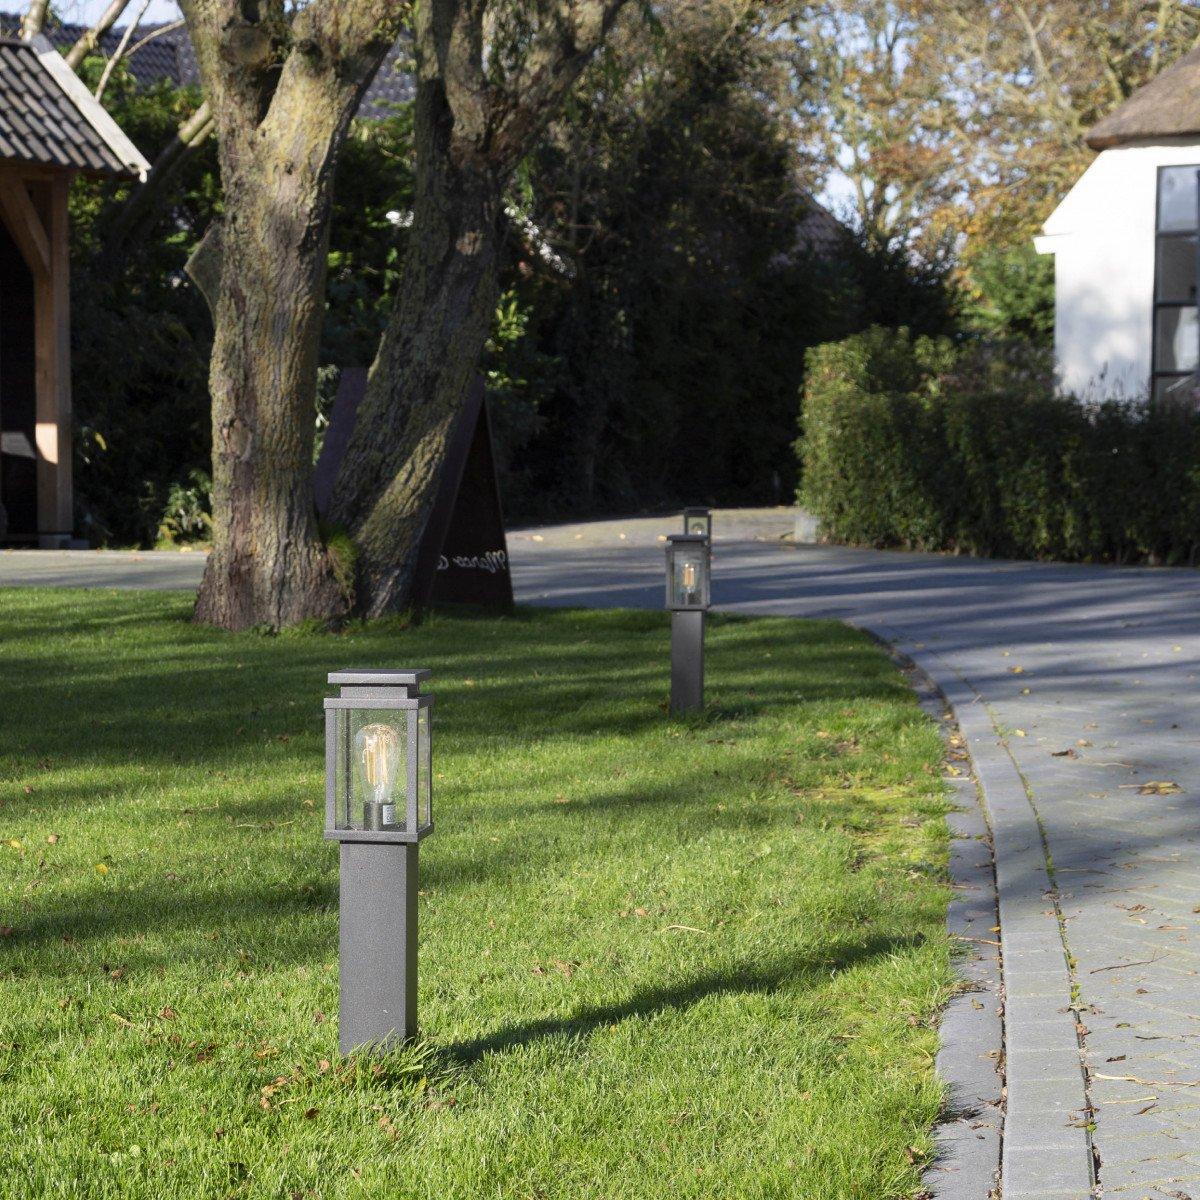 tuinverlichting, tuinlamp jersey terras lantaarn stijlvol strak klassieke tuinlamp een originele buitenverlichting van KS Verlichting